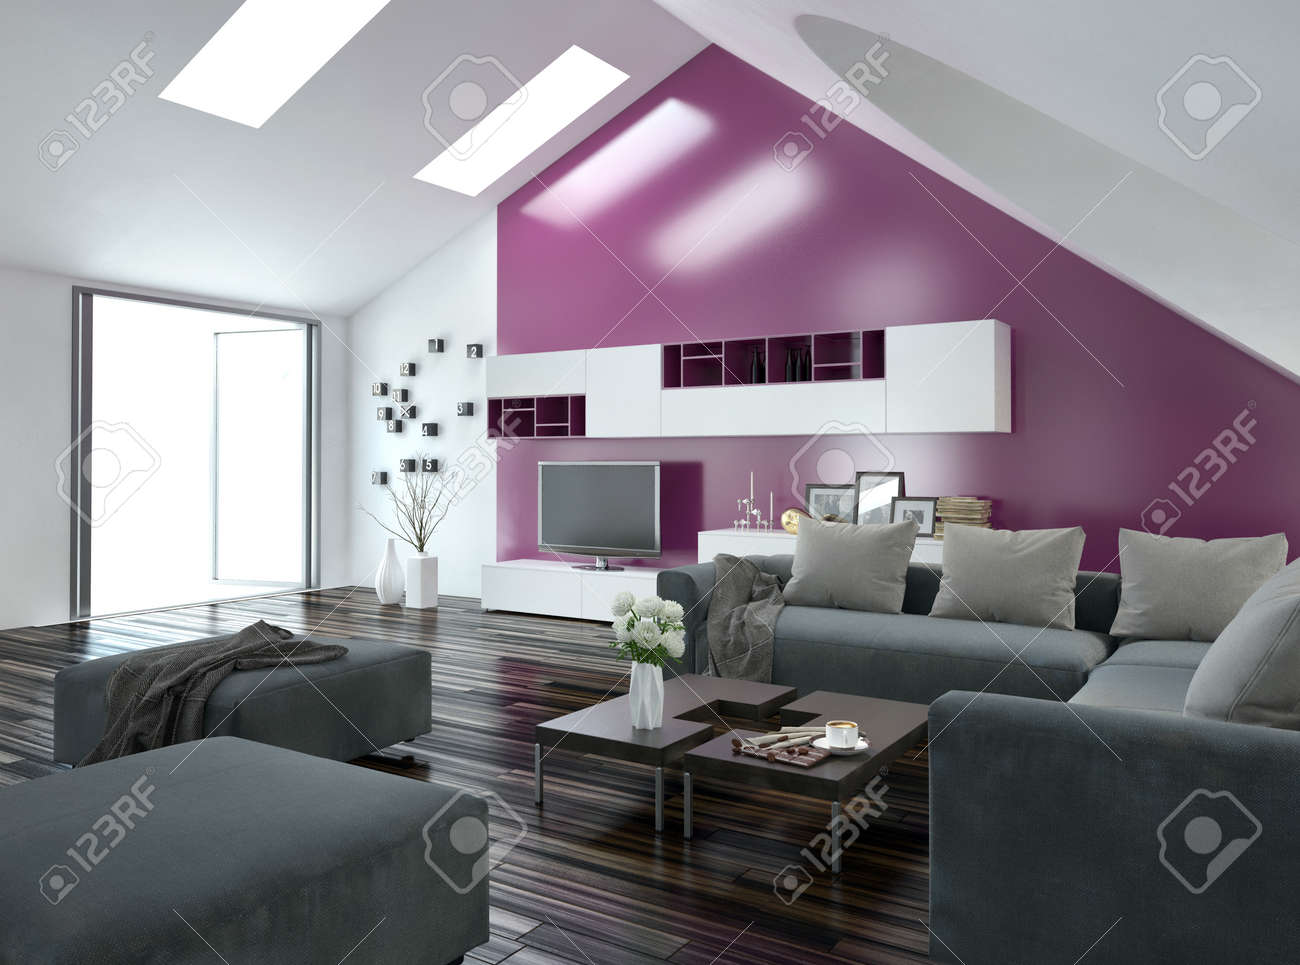 Moderne Wohnung Wohnzimmer Innenraum Mit Einem Lila Akzent Wand ... Moderne Wohnzimmer Lila